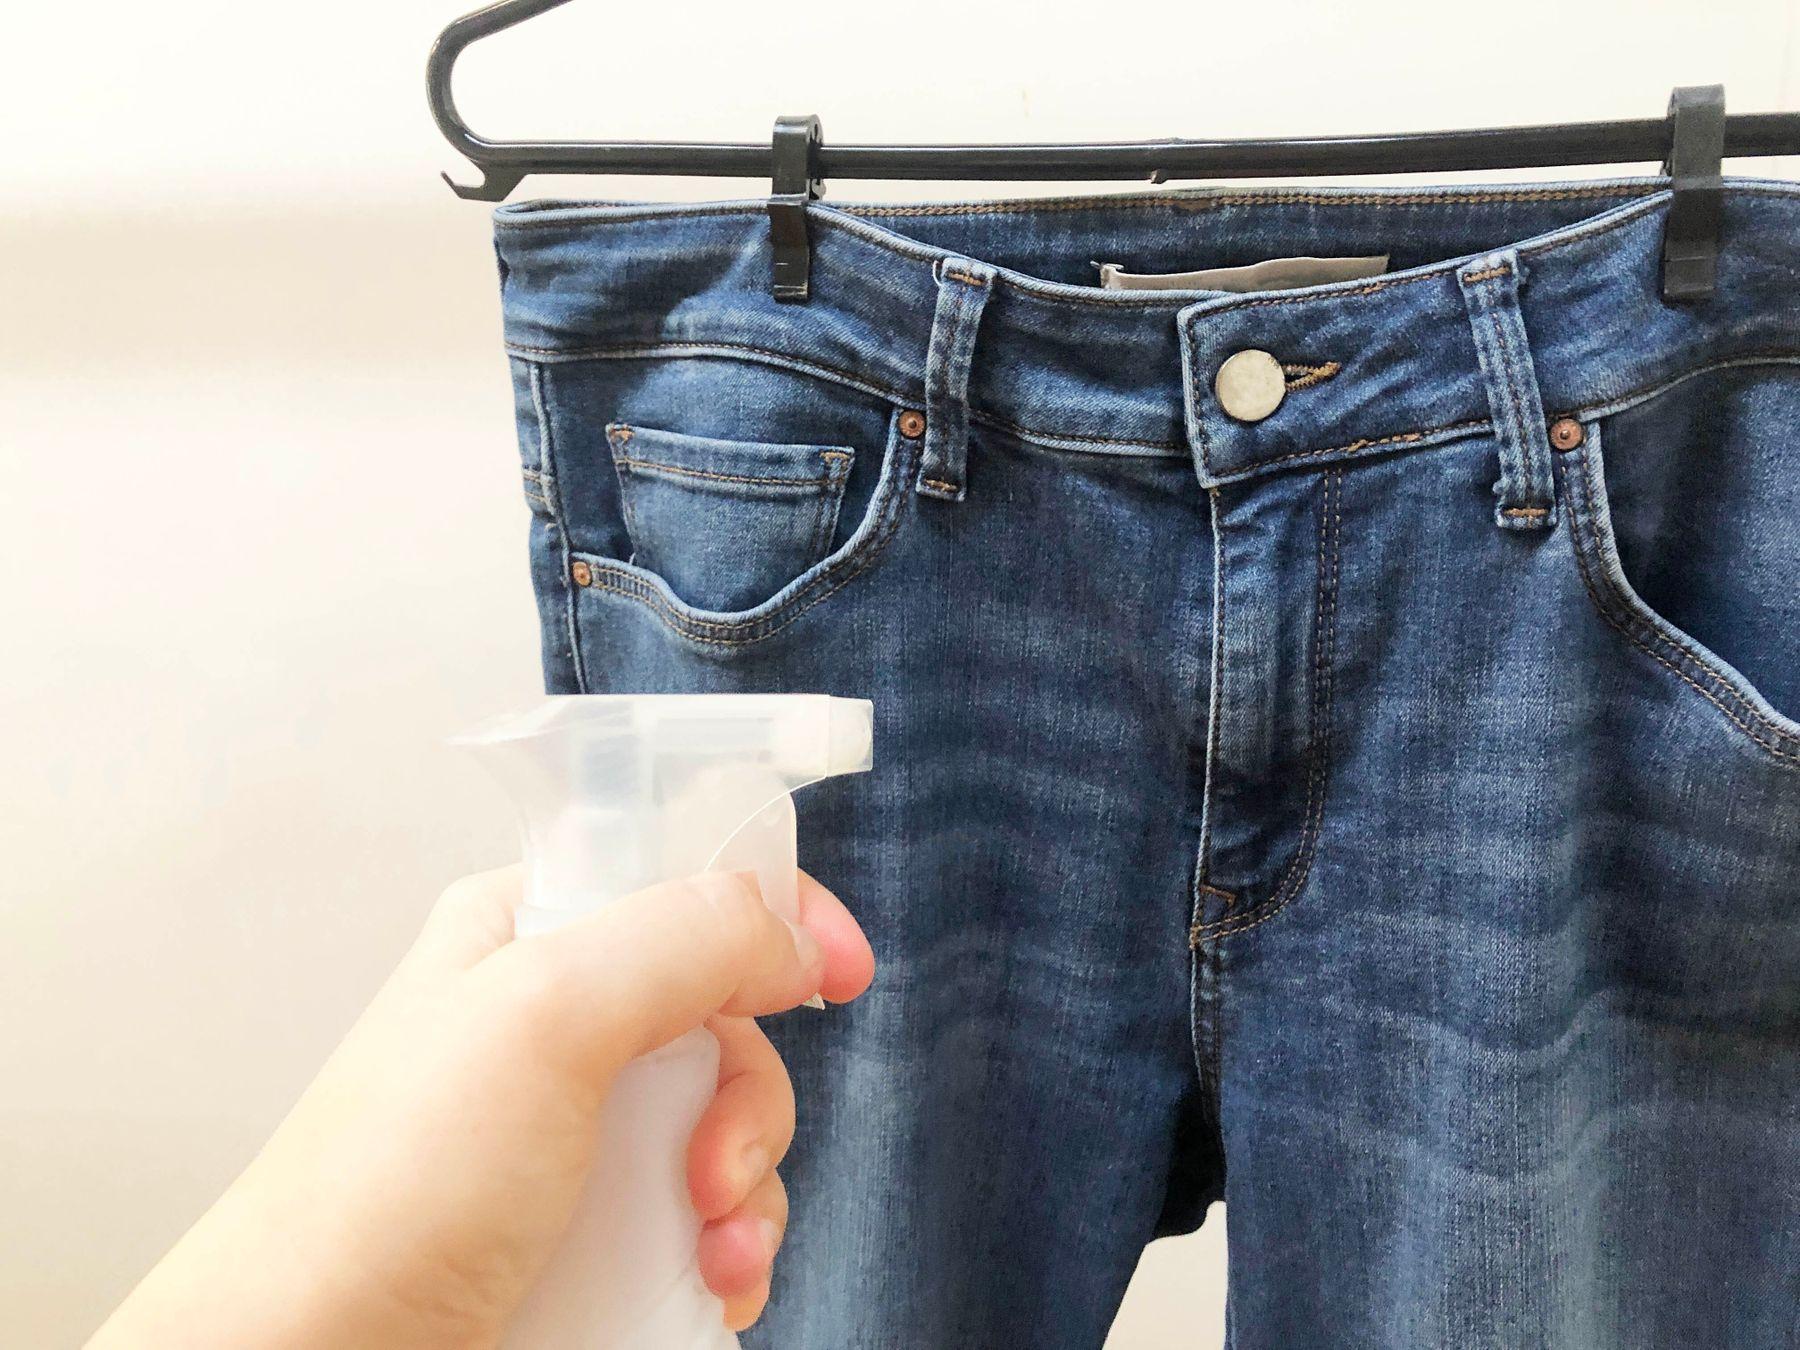 Calça jeans no cabide e mão que segura um aspersor